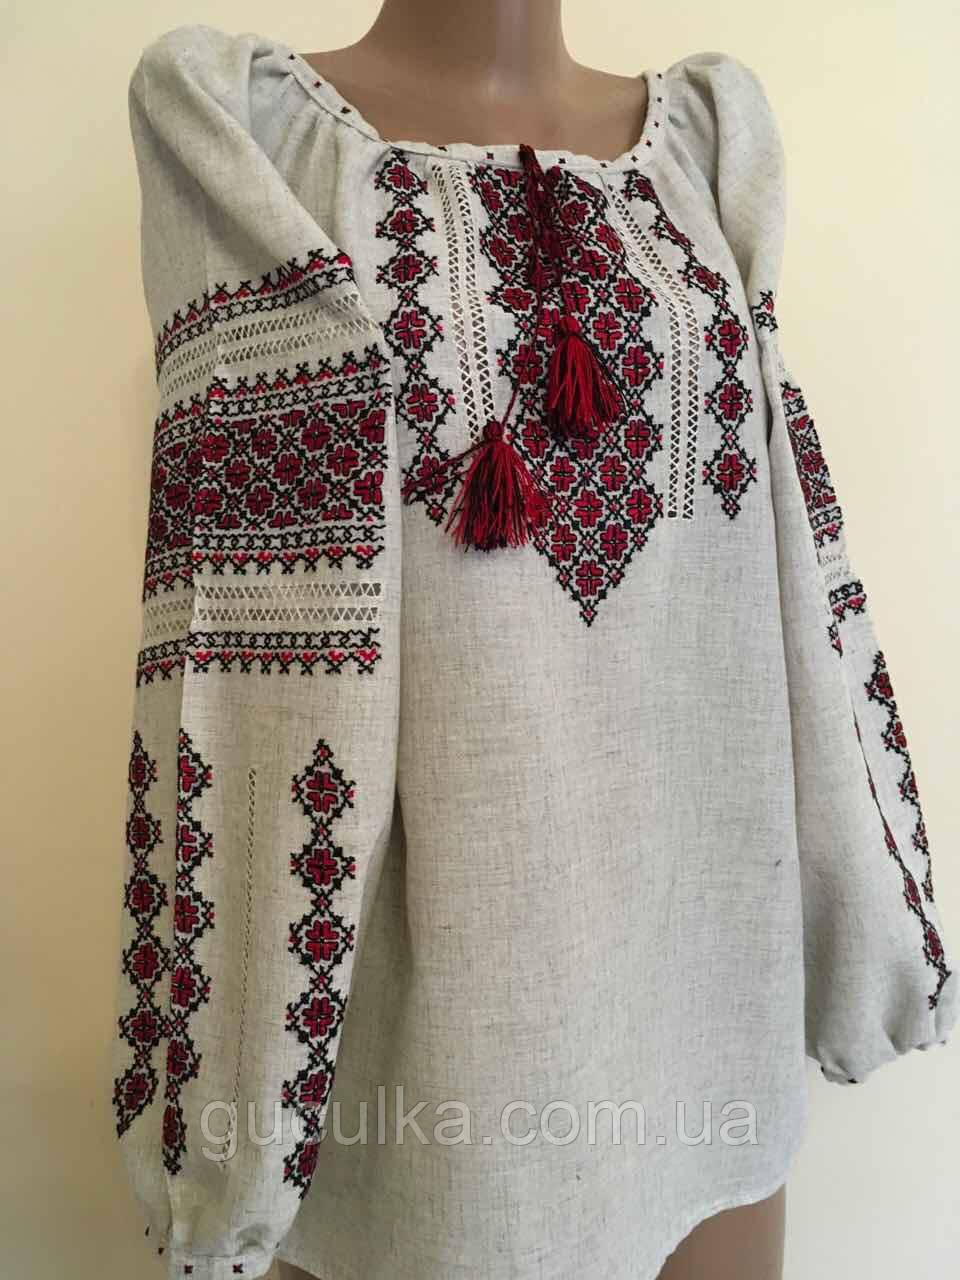 ba43819ddd9b1a Вишиванка жіноча ручної роботи з сірого льону розмір 50 (ХХL) -  Інтернет-магазин